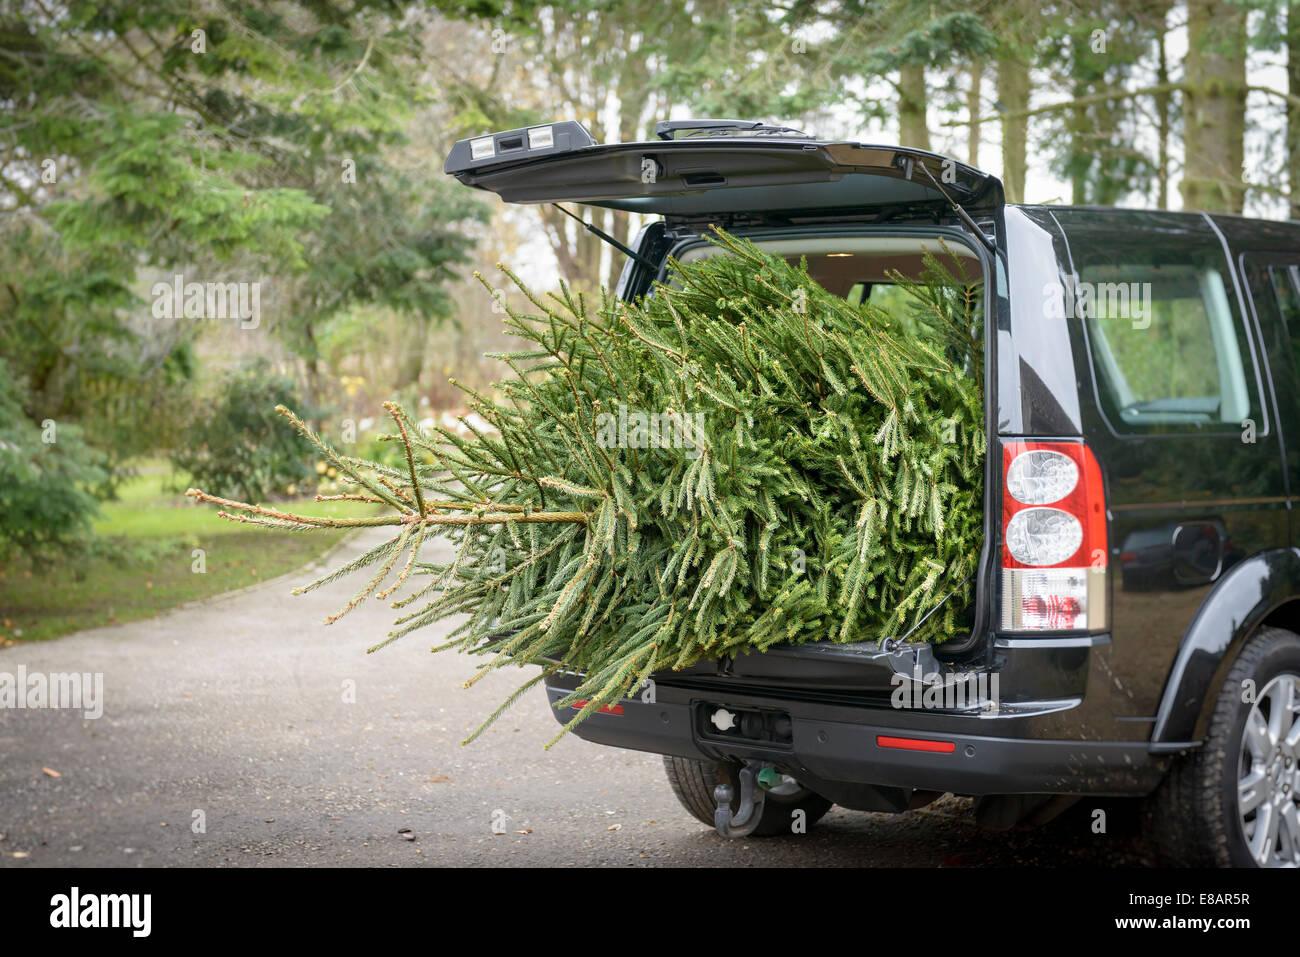 Gran árbol de Navidad en el maletero de un coche abierto Imagen De Stock